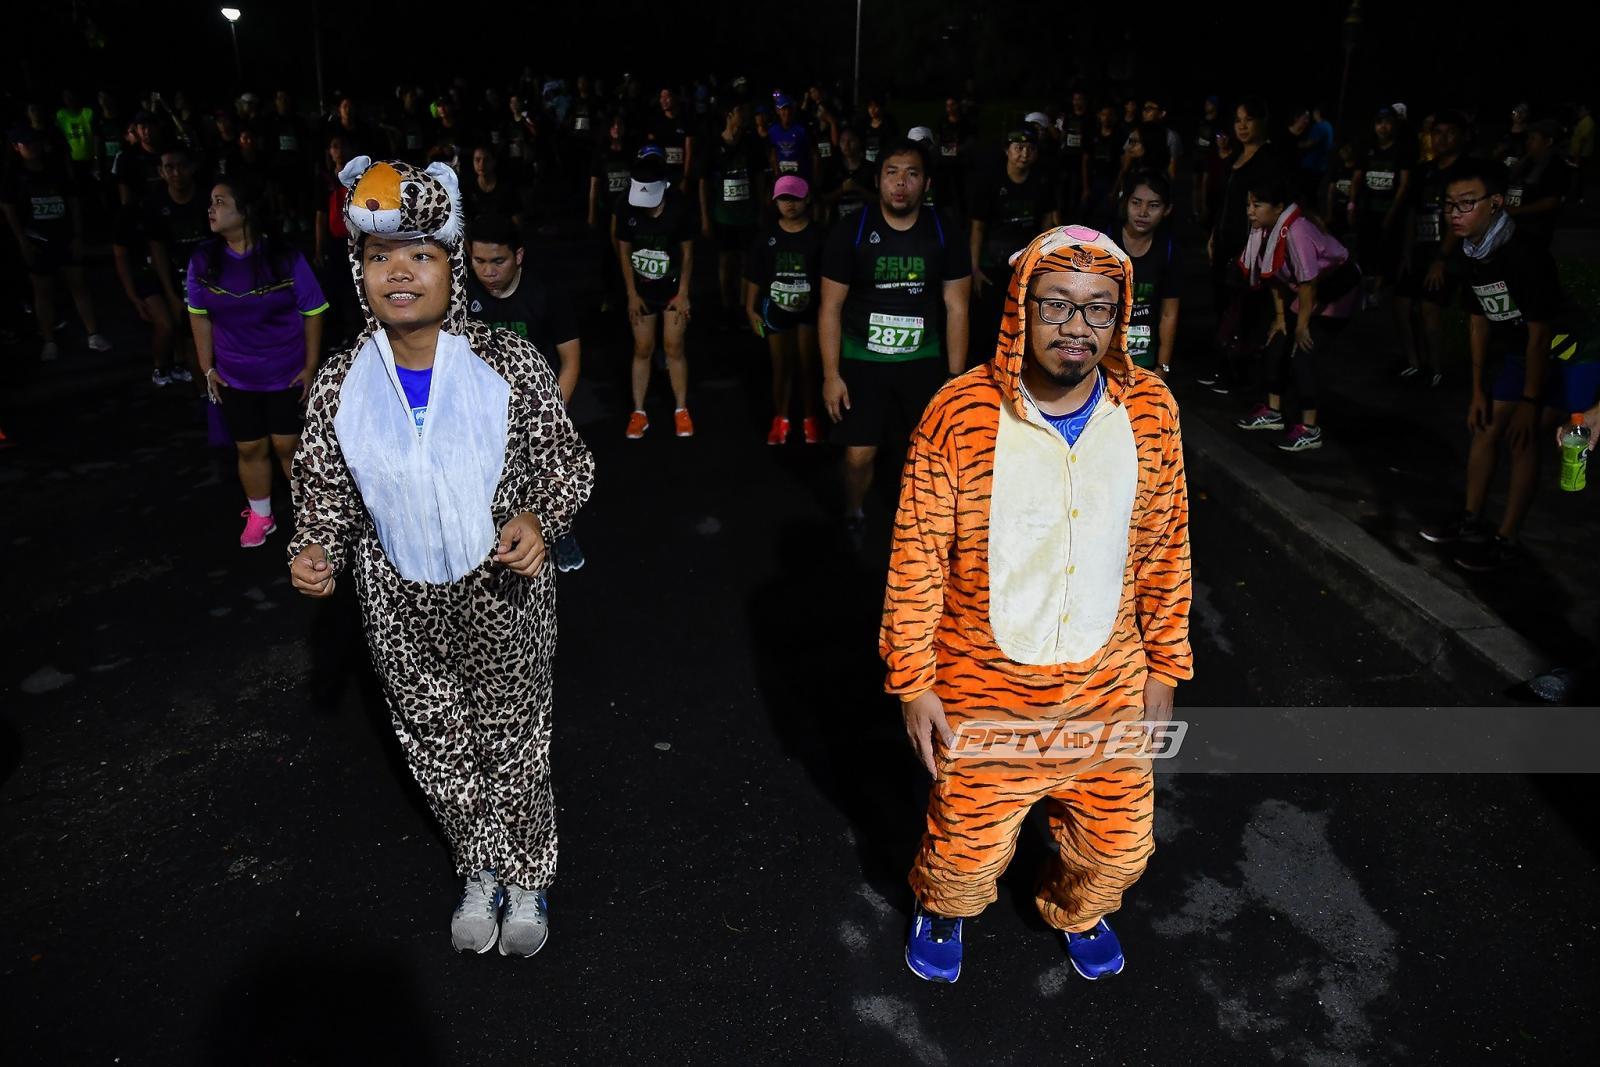 """พีพีทีวี จับมือมูลนิธิสืบนาคะเสถียรจัดกิจกรรม """"วิ่งเพื่อบ้านของสัตว์ป่า Seub Run for Home of Wildlife 2018"""""""